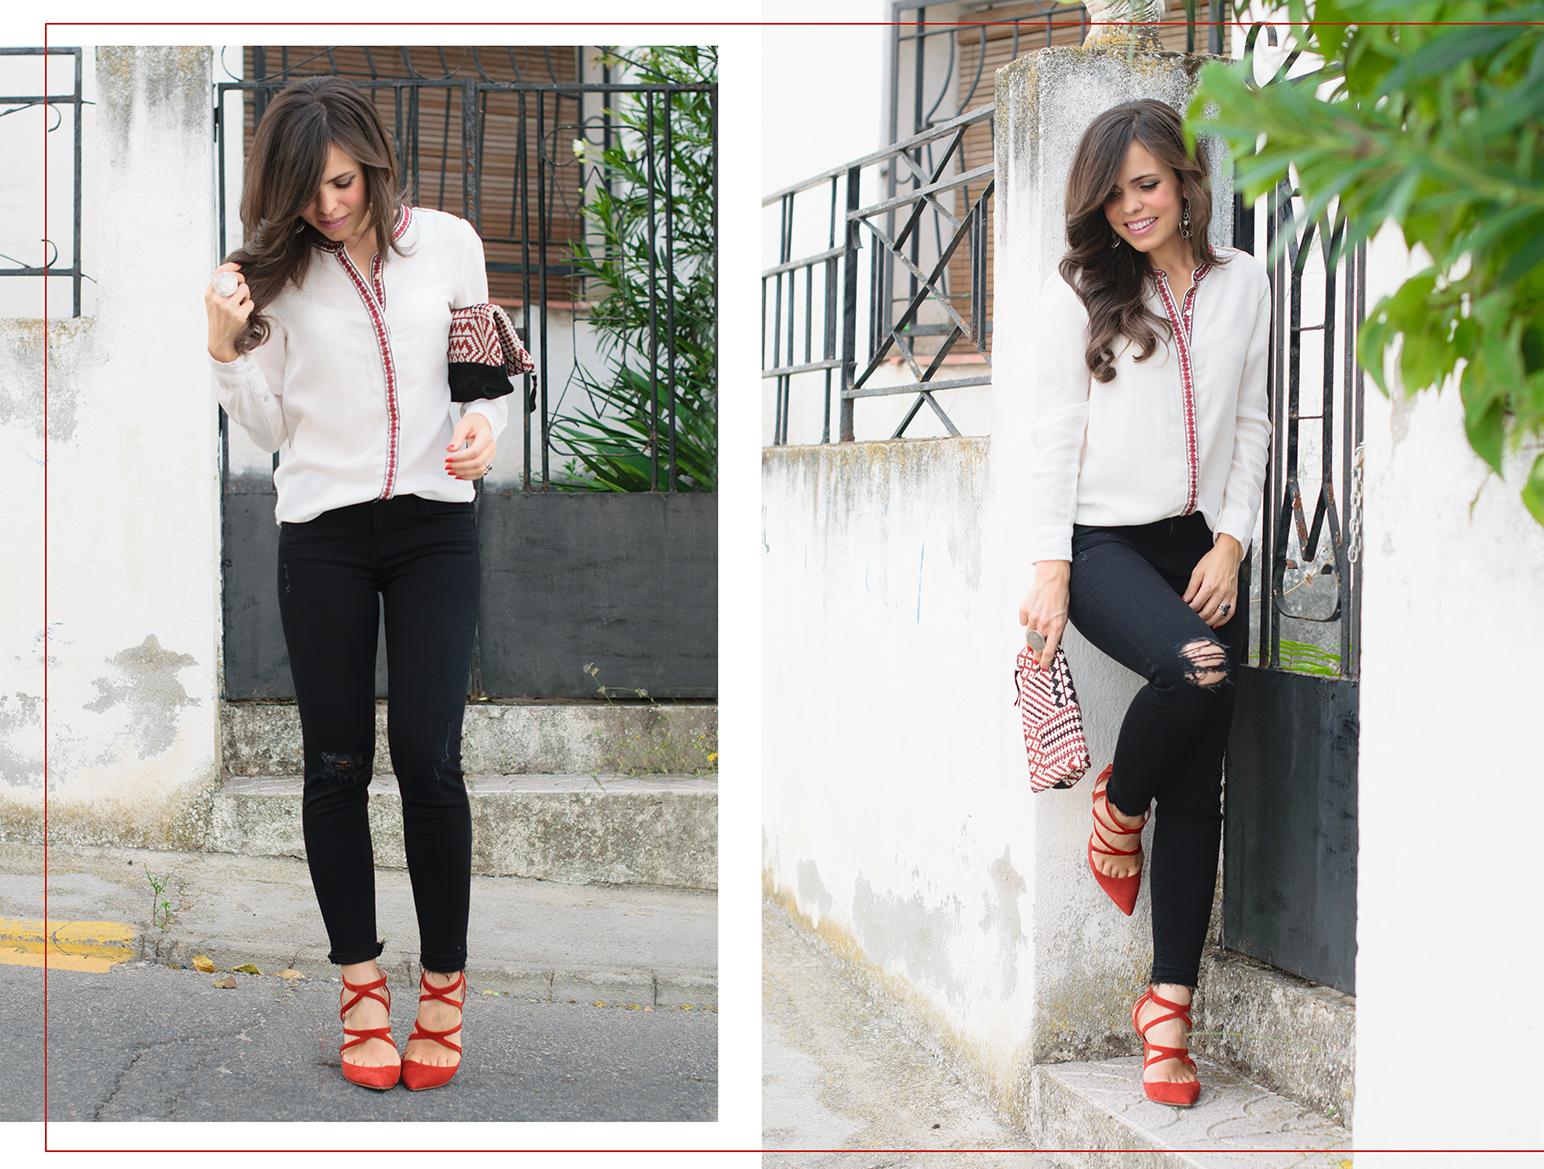 Look de estilo boho black & white con detalles en rojo